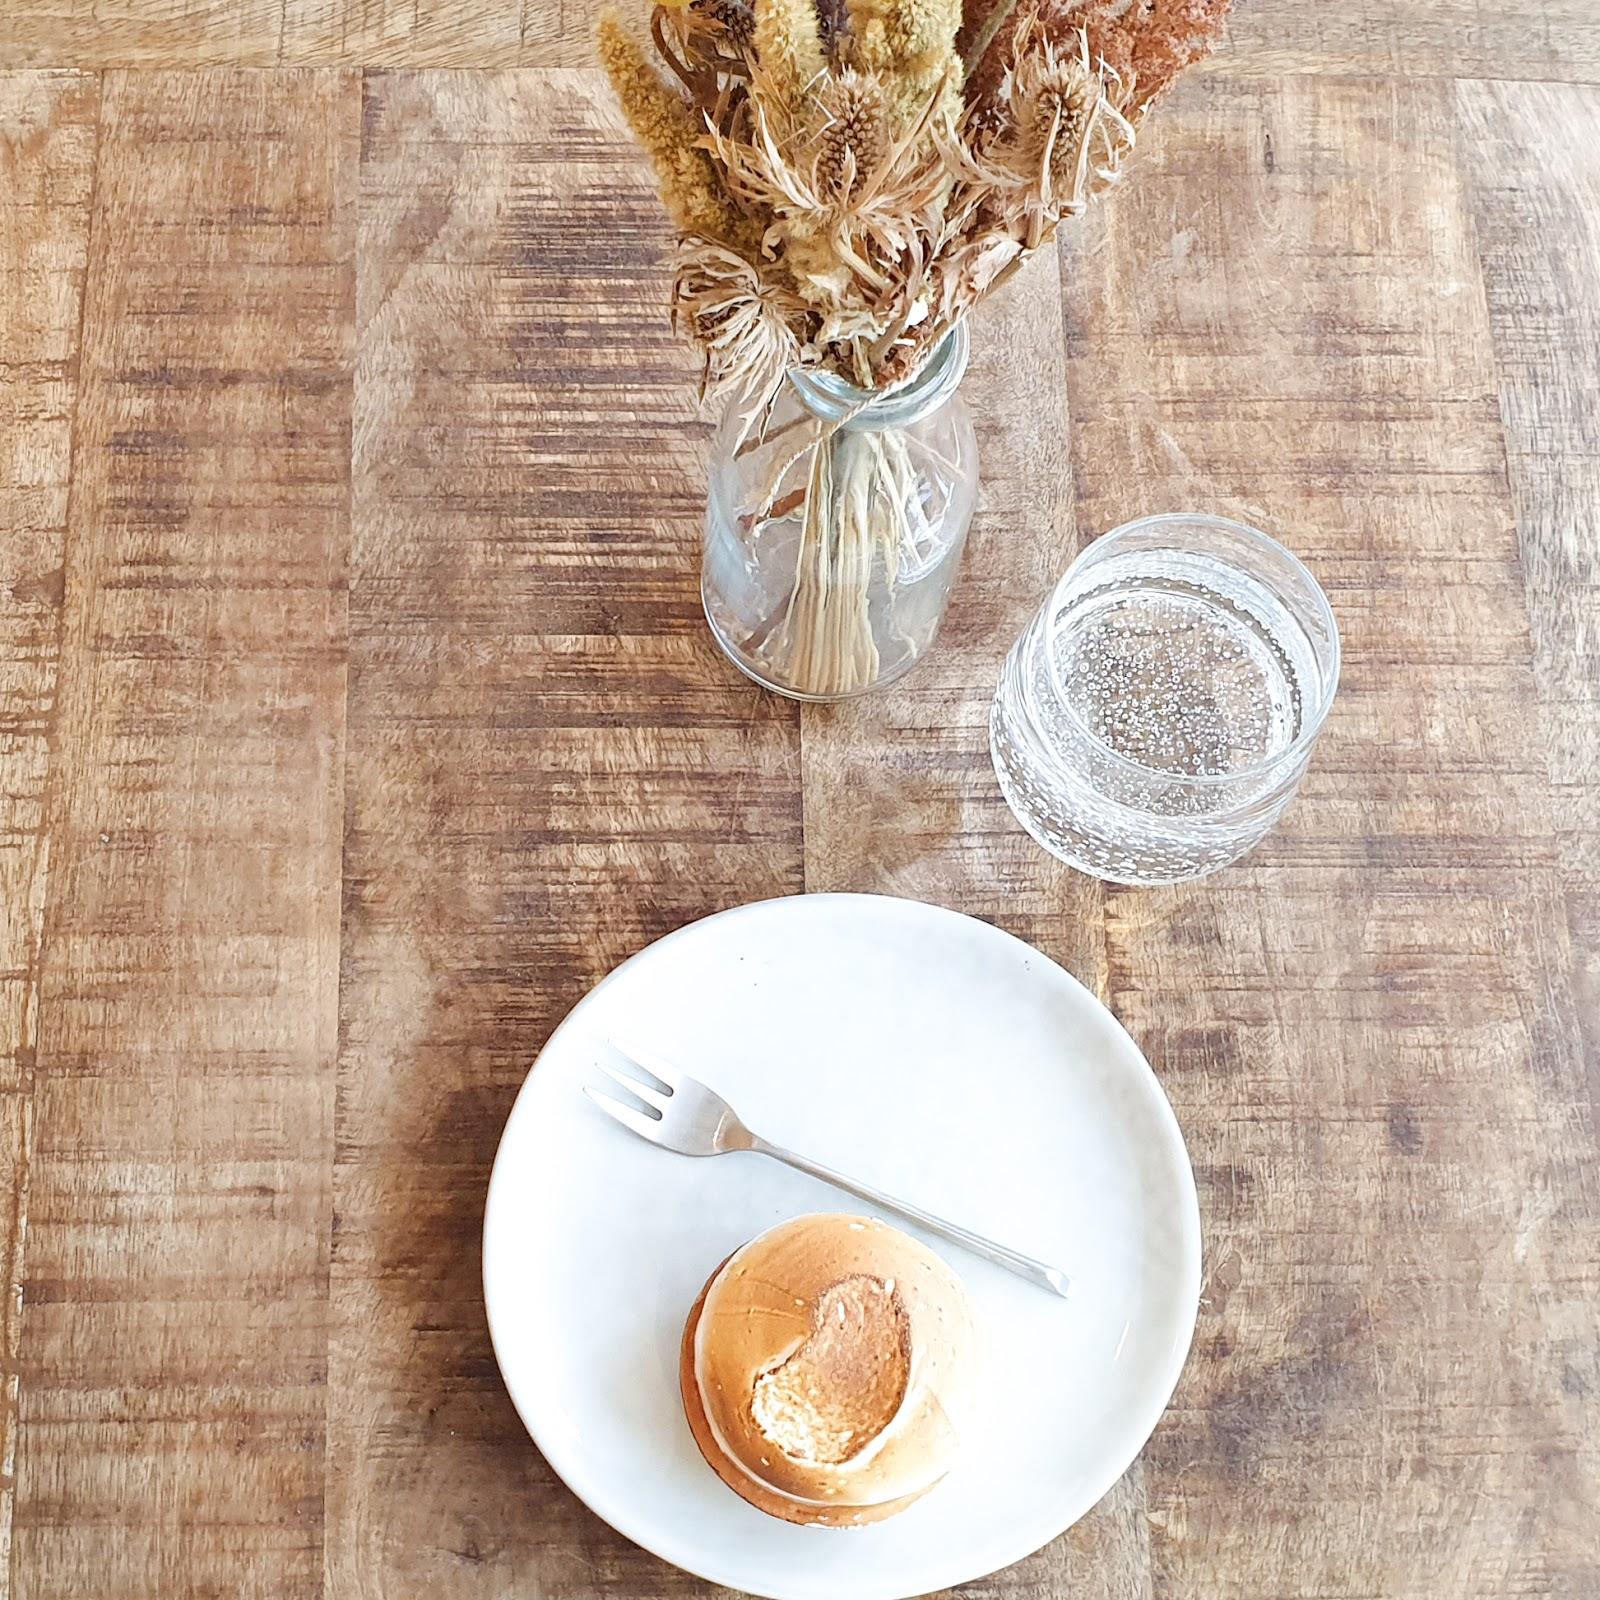 Padam_boutique_café-sceaux_danslaruedacote